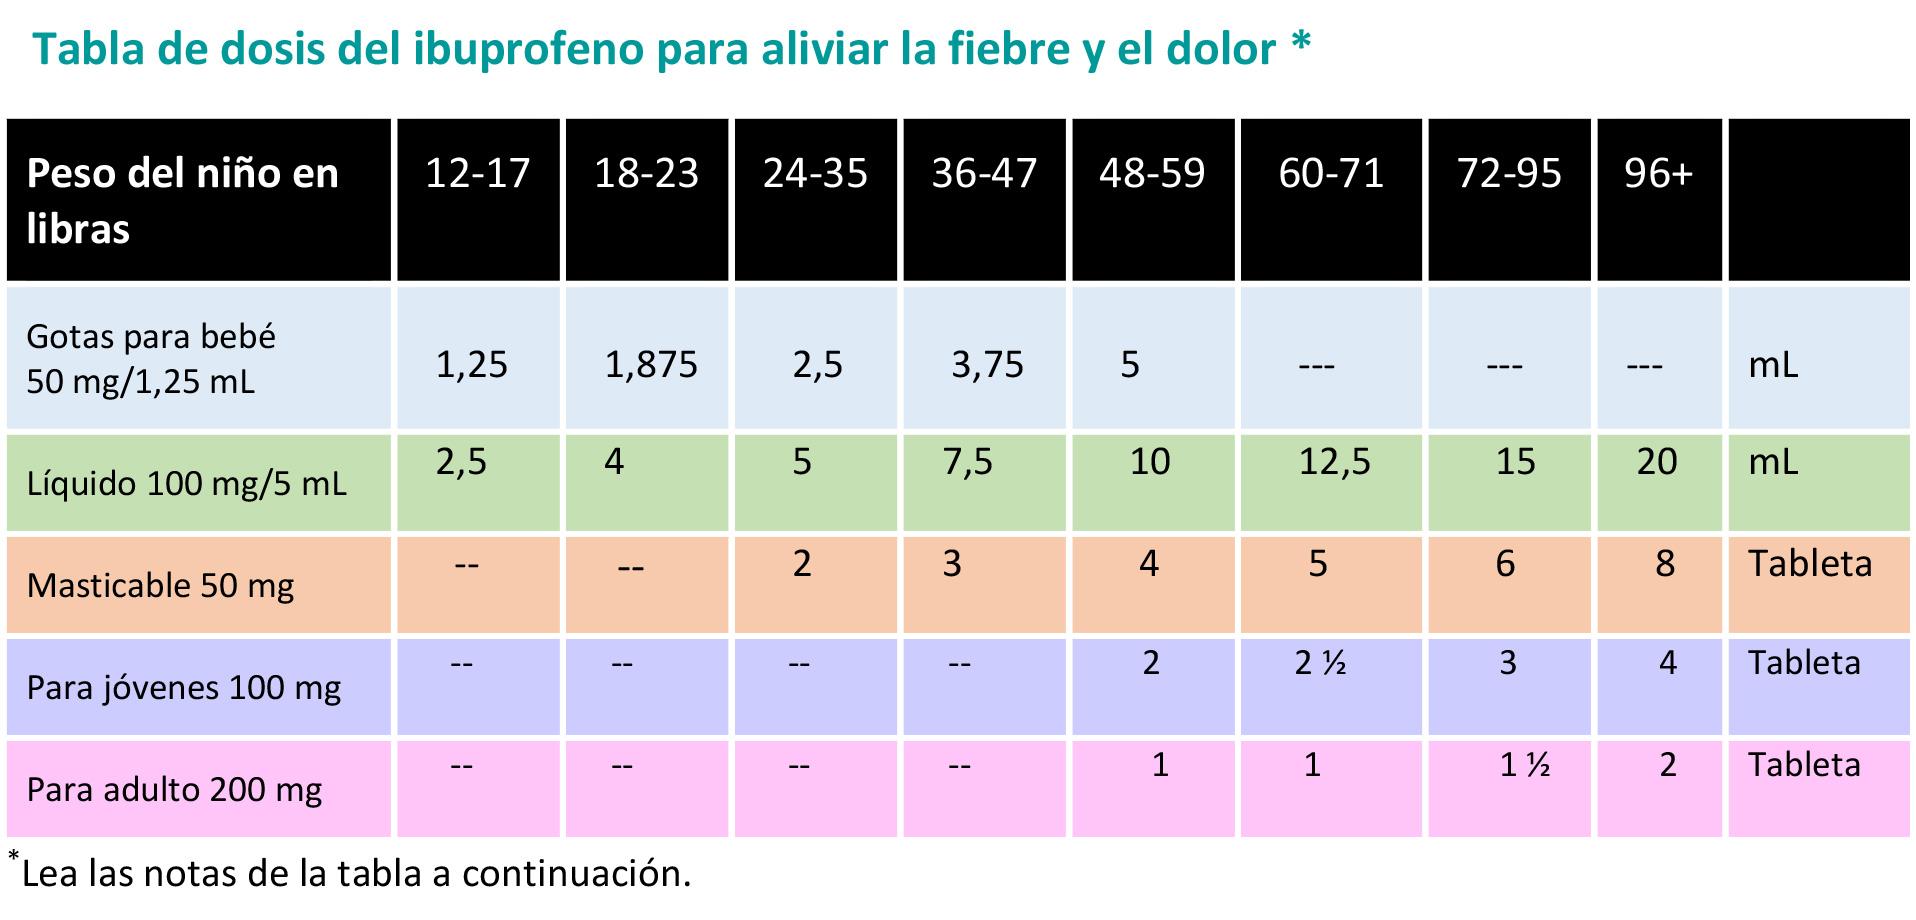 Cloruro De Magnesio Dosis Recomendada, Propiedades